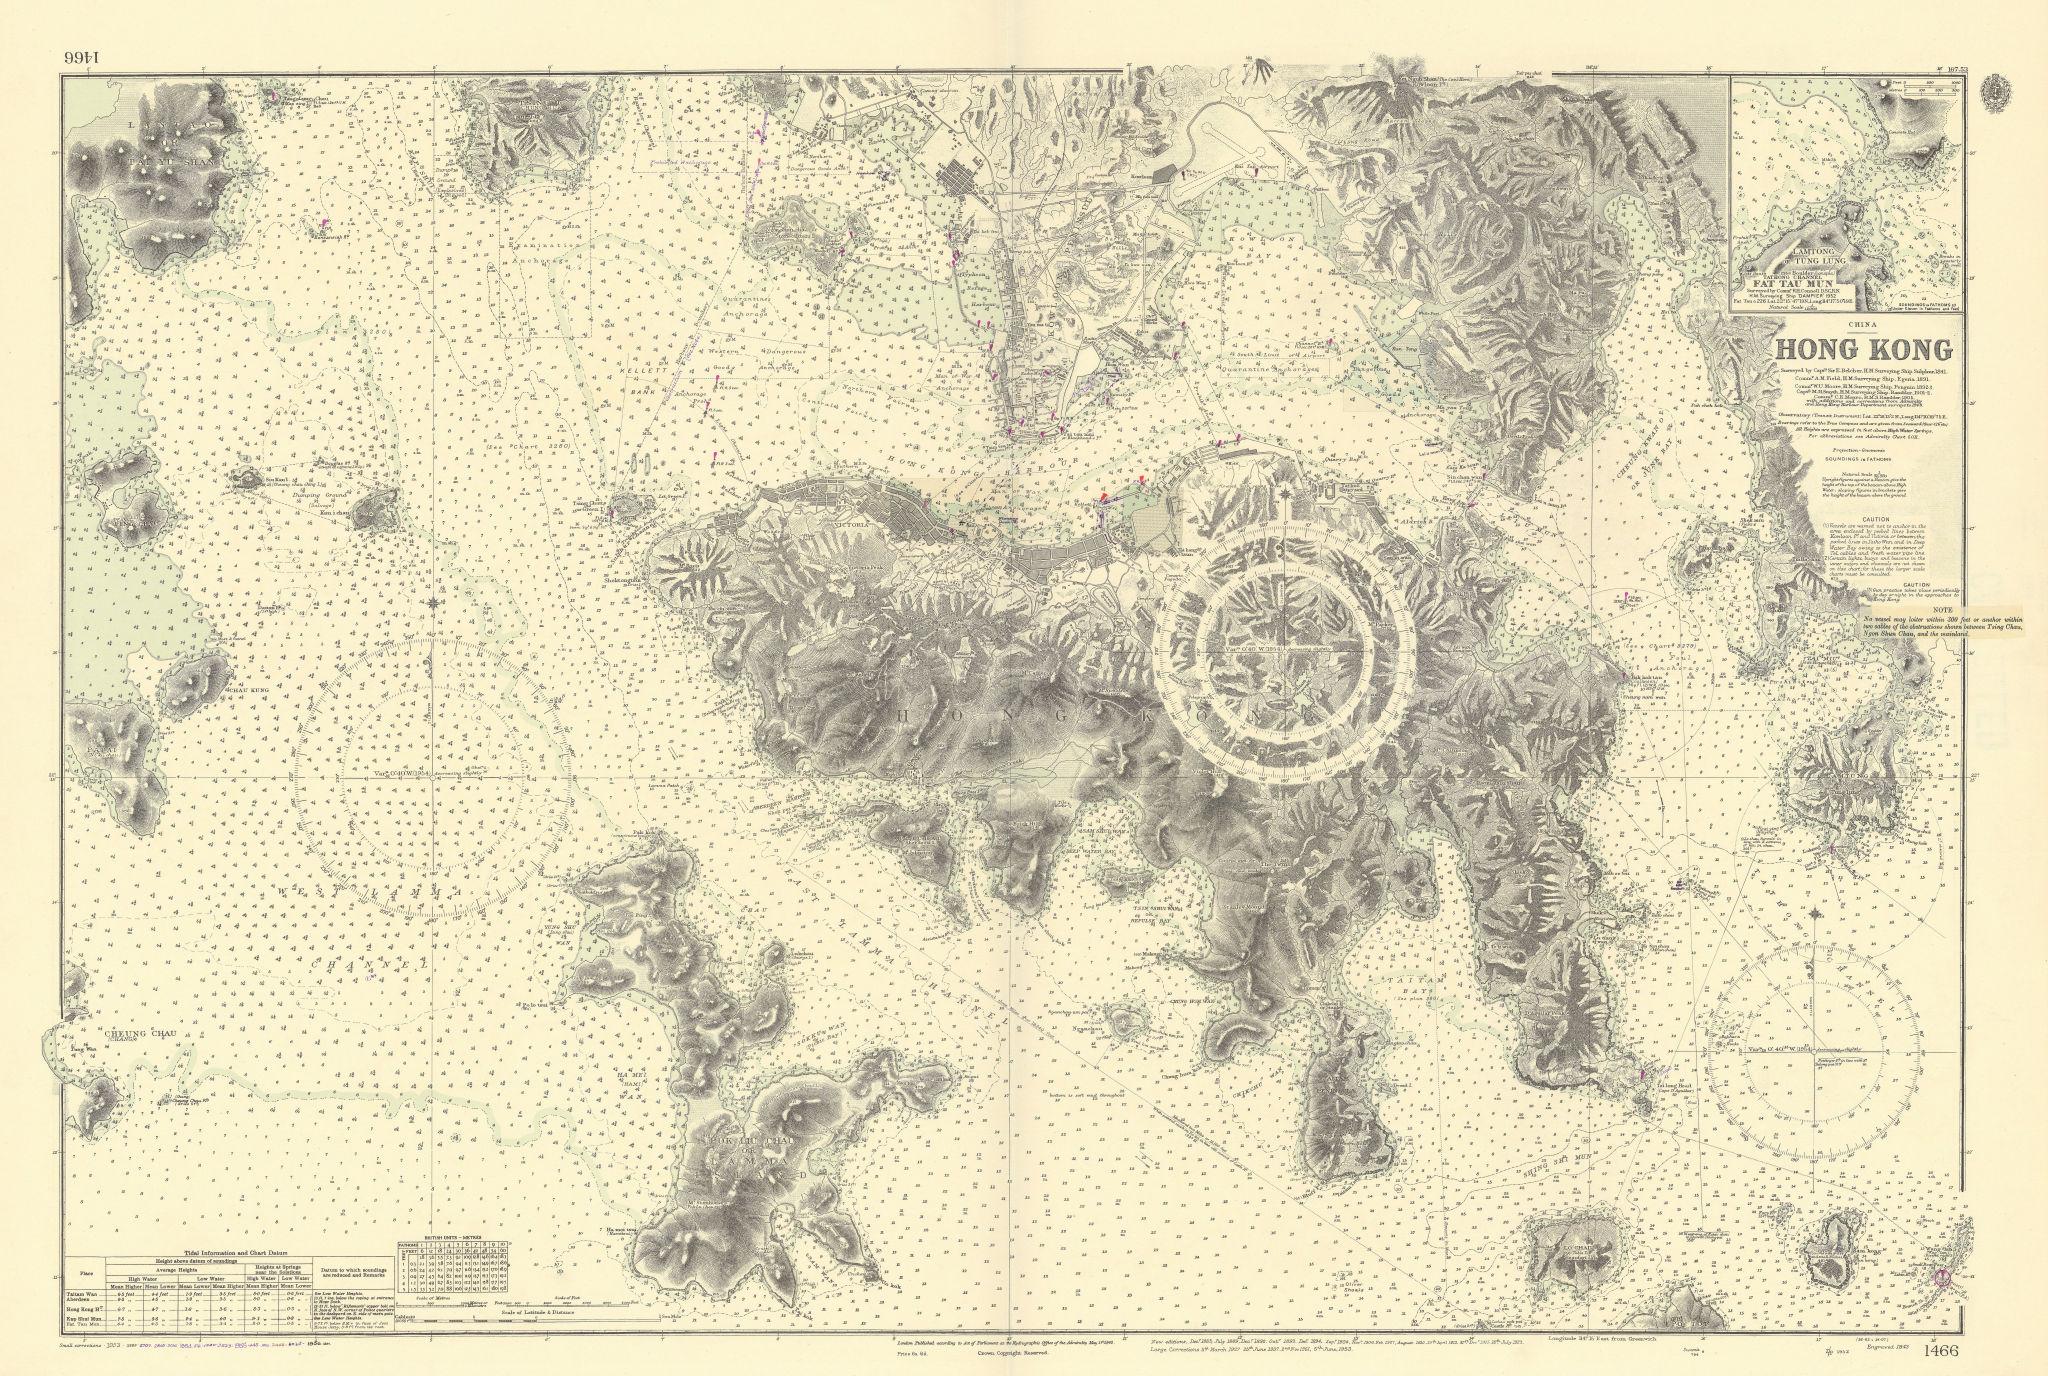 Hong Kong & Kowloon. China Sea. Belcher / ADMIRALTY sea chart 1843 (1956) map